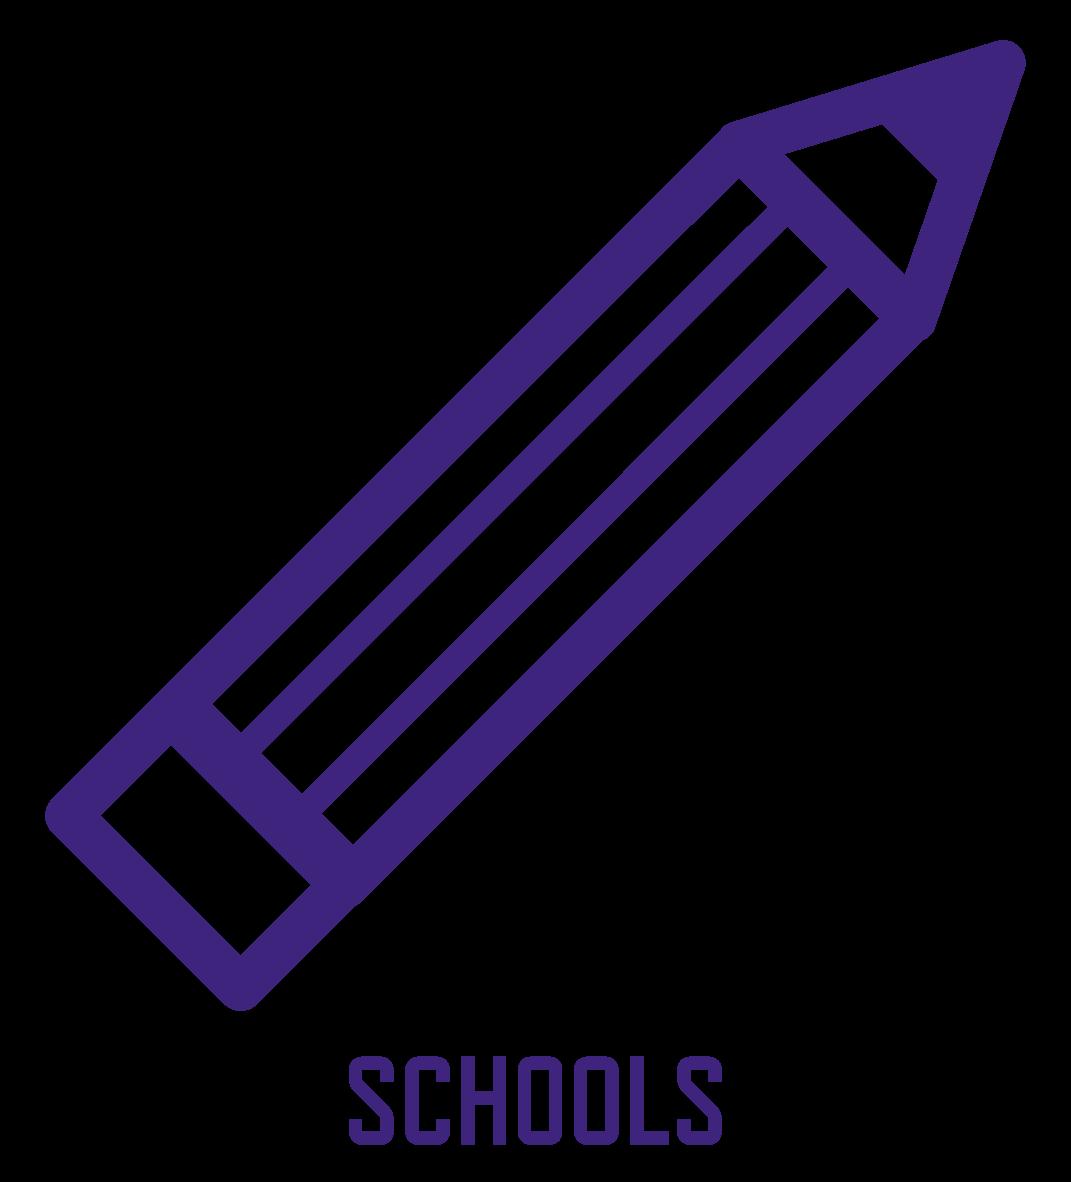 School-01.png